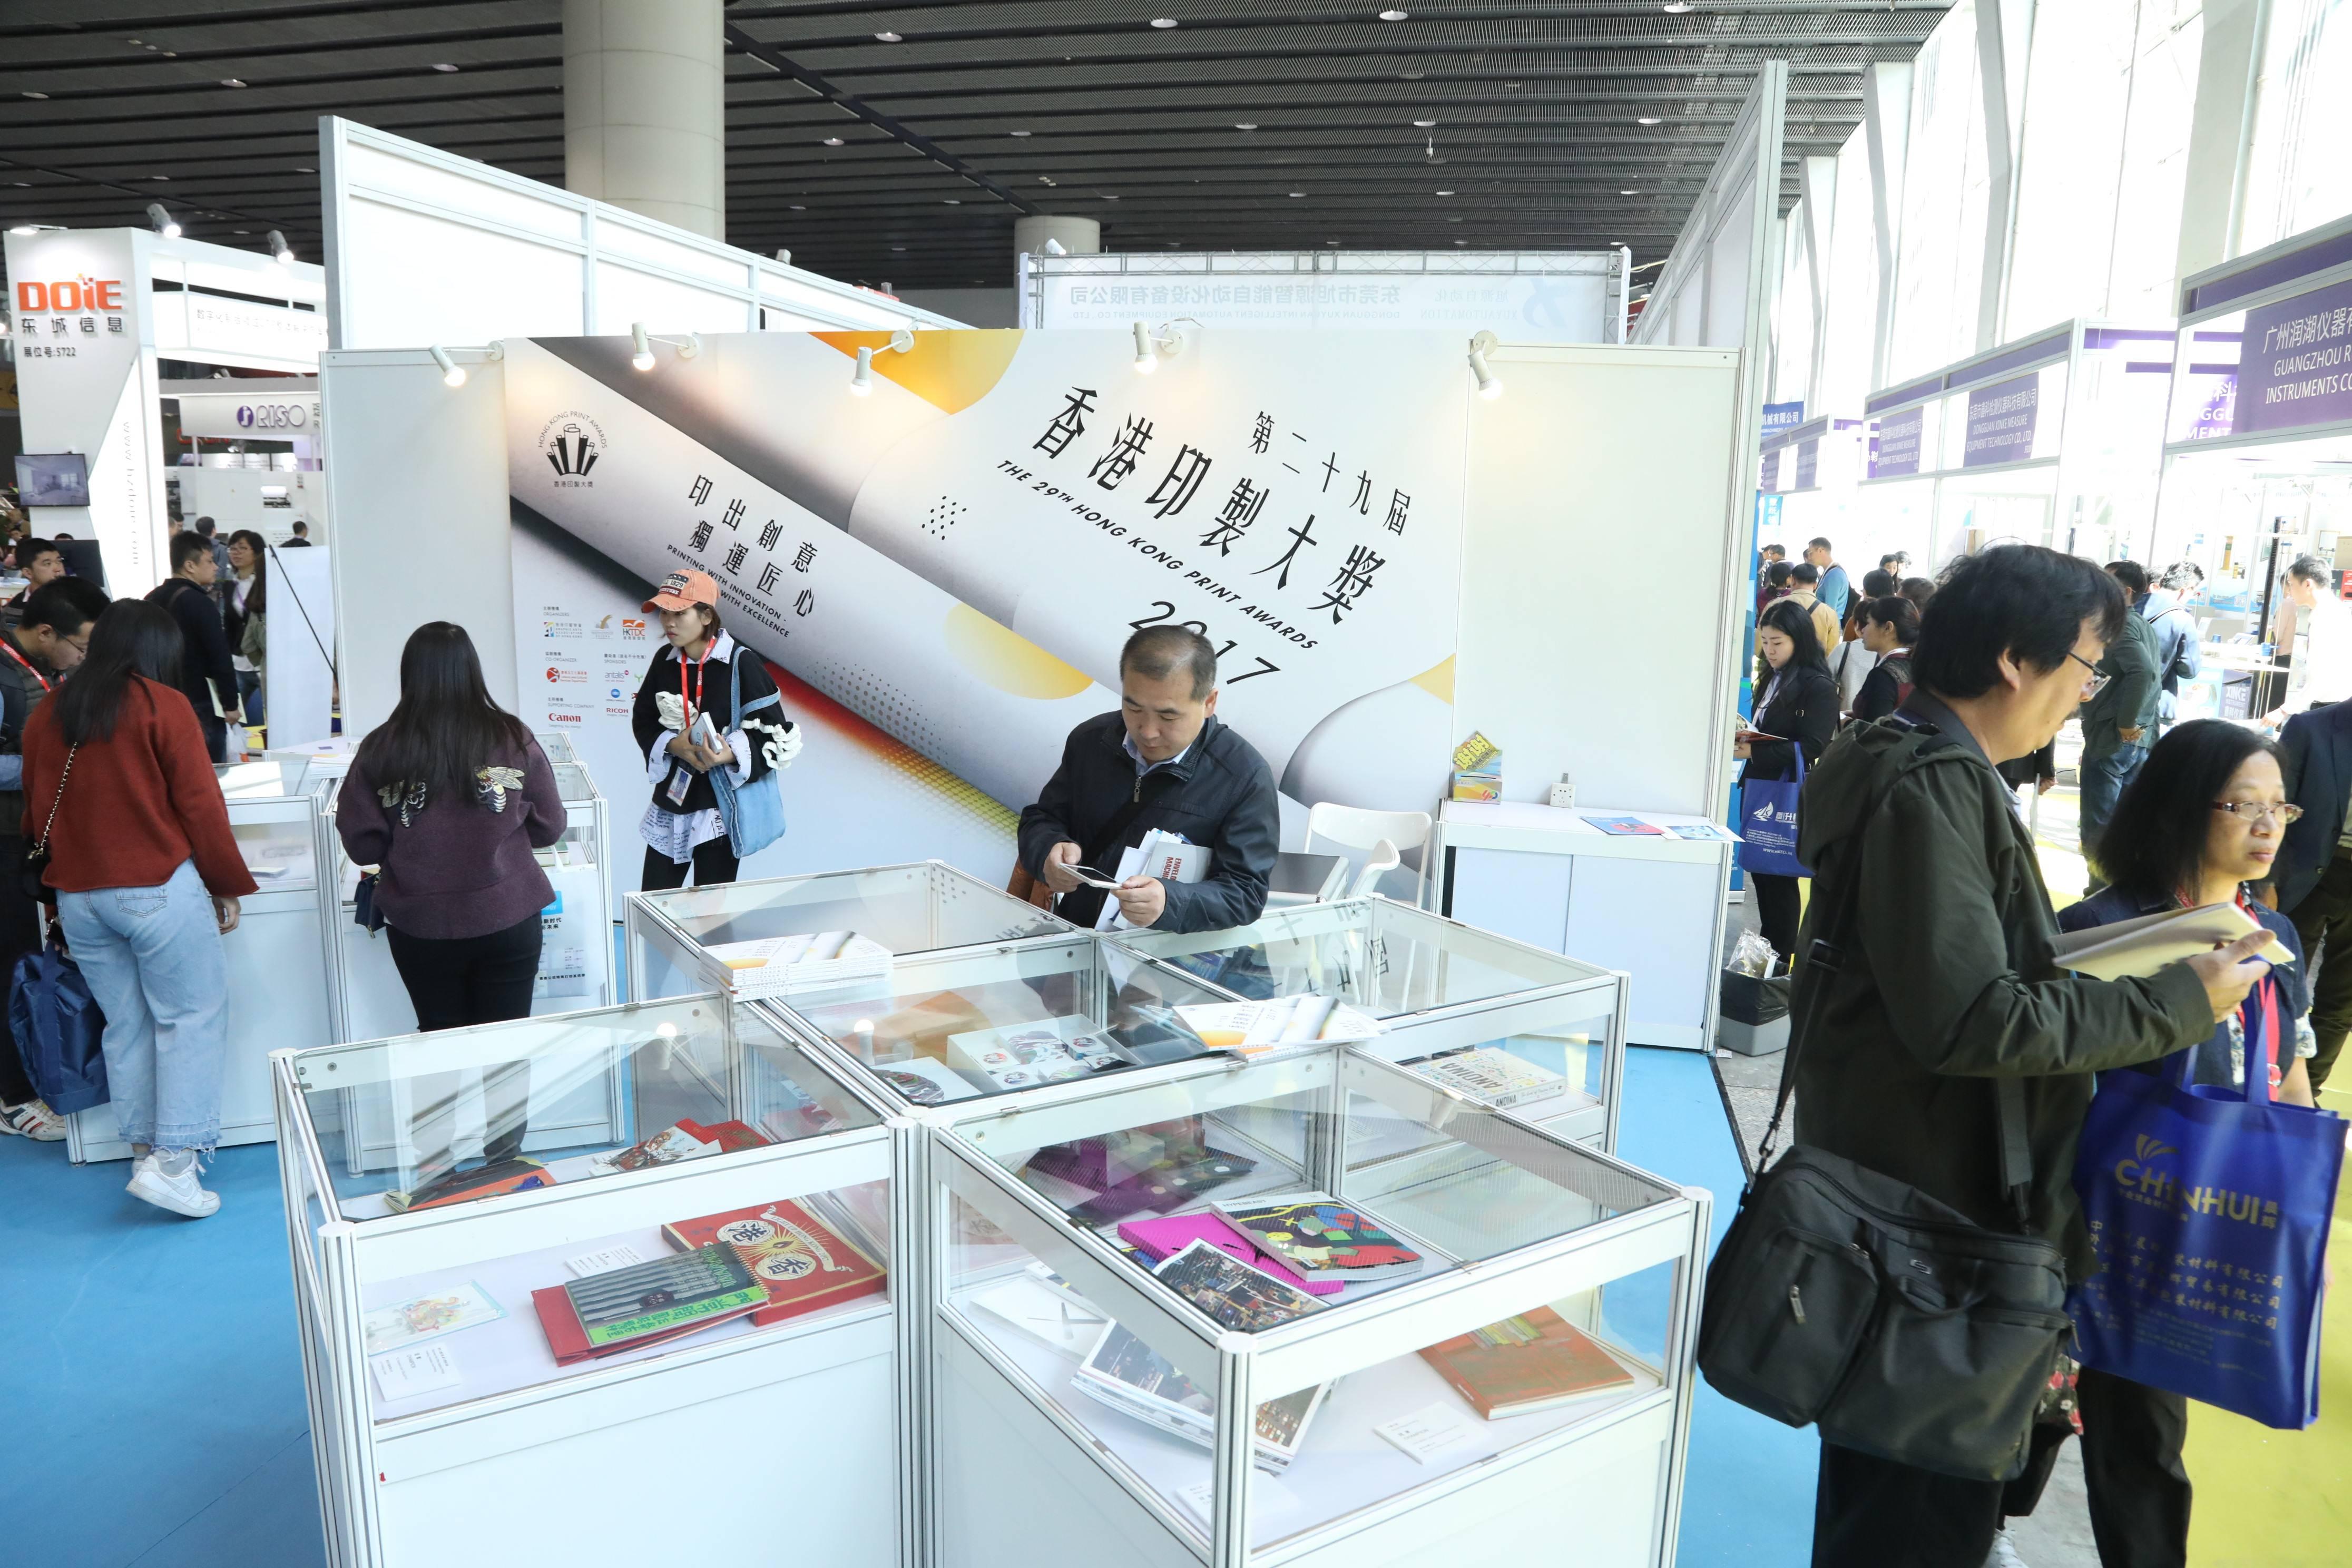 Работа в китае для русских вакансии 2020 без знания языка | в эмиграции